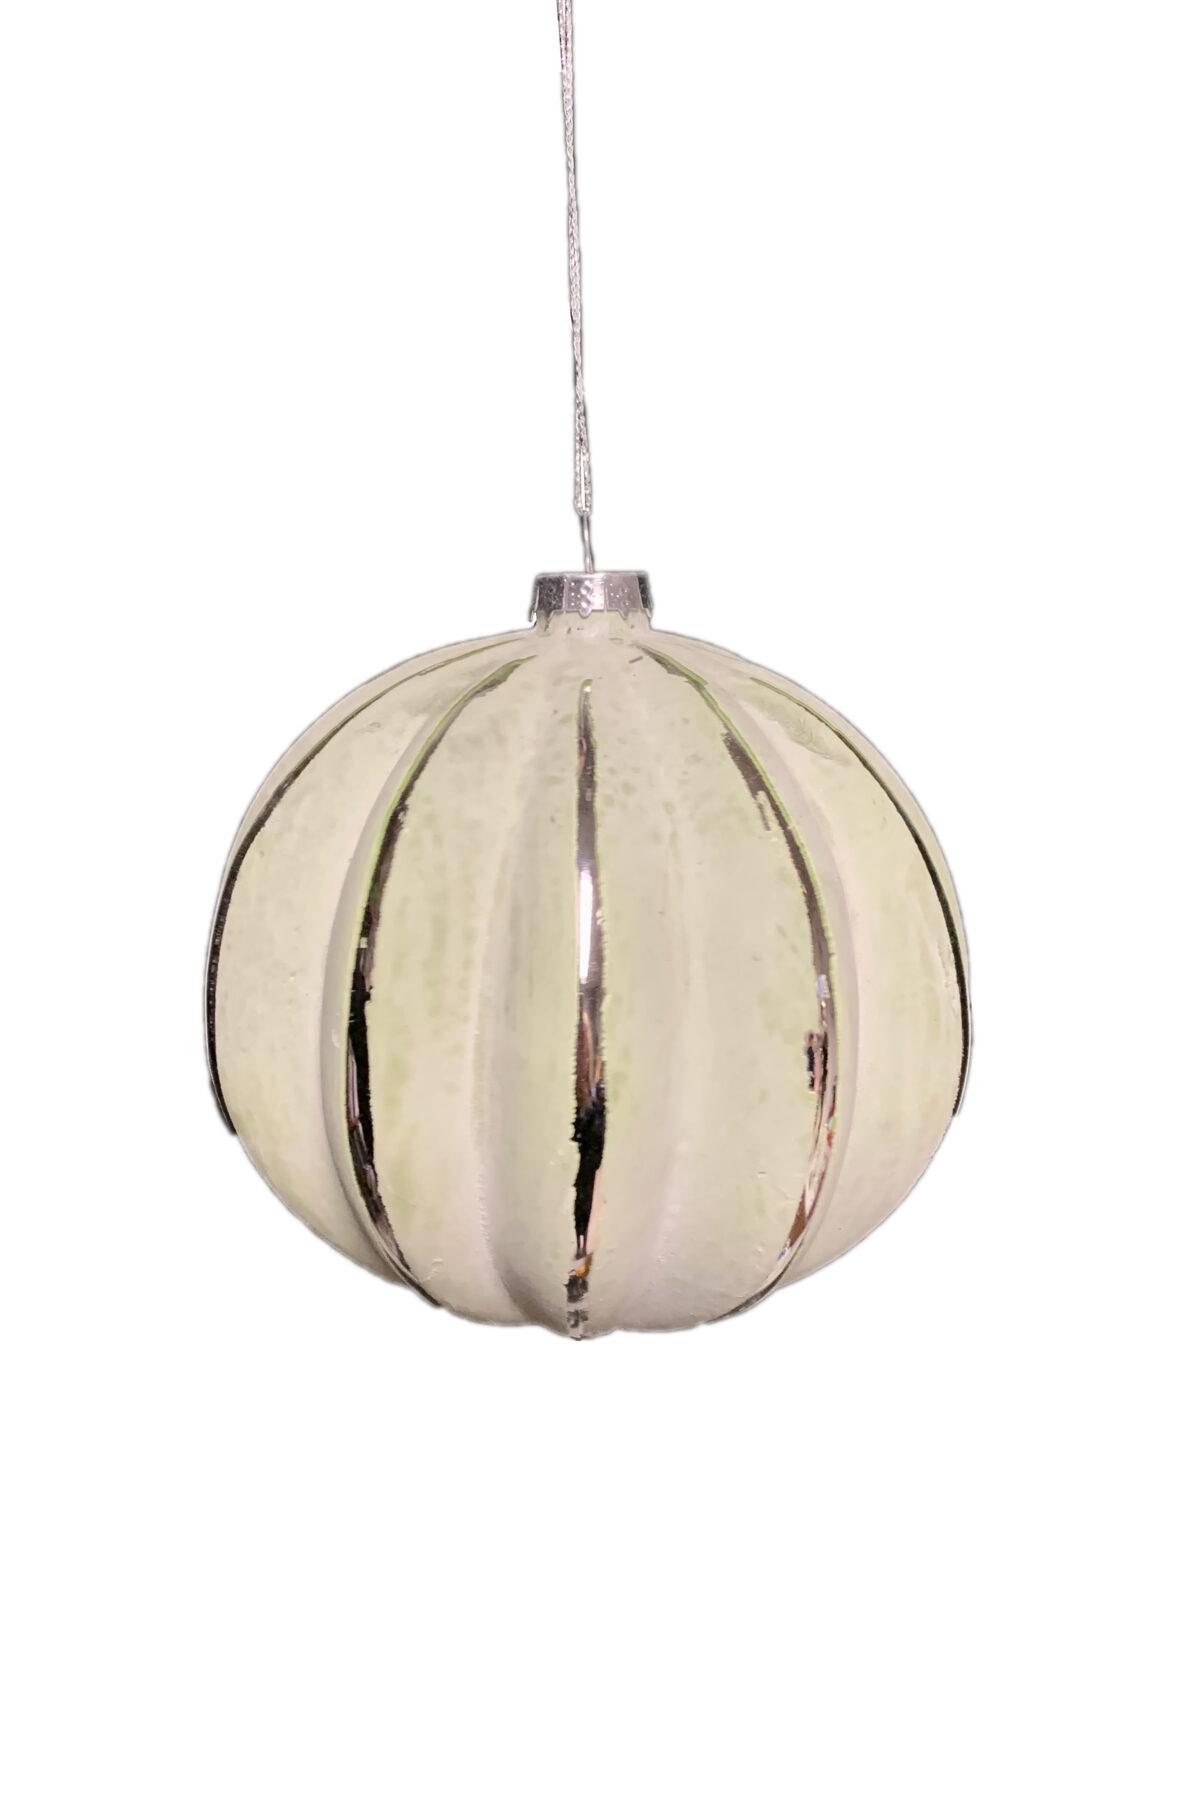 Pallina di Natale deluxe in vetro soffiato verde salvia chiaro con linee decorative platino d. 12 cm